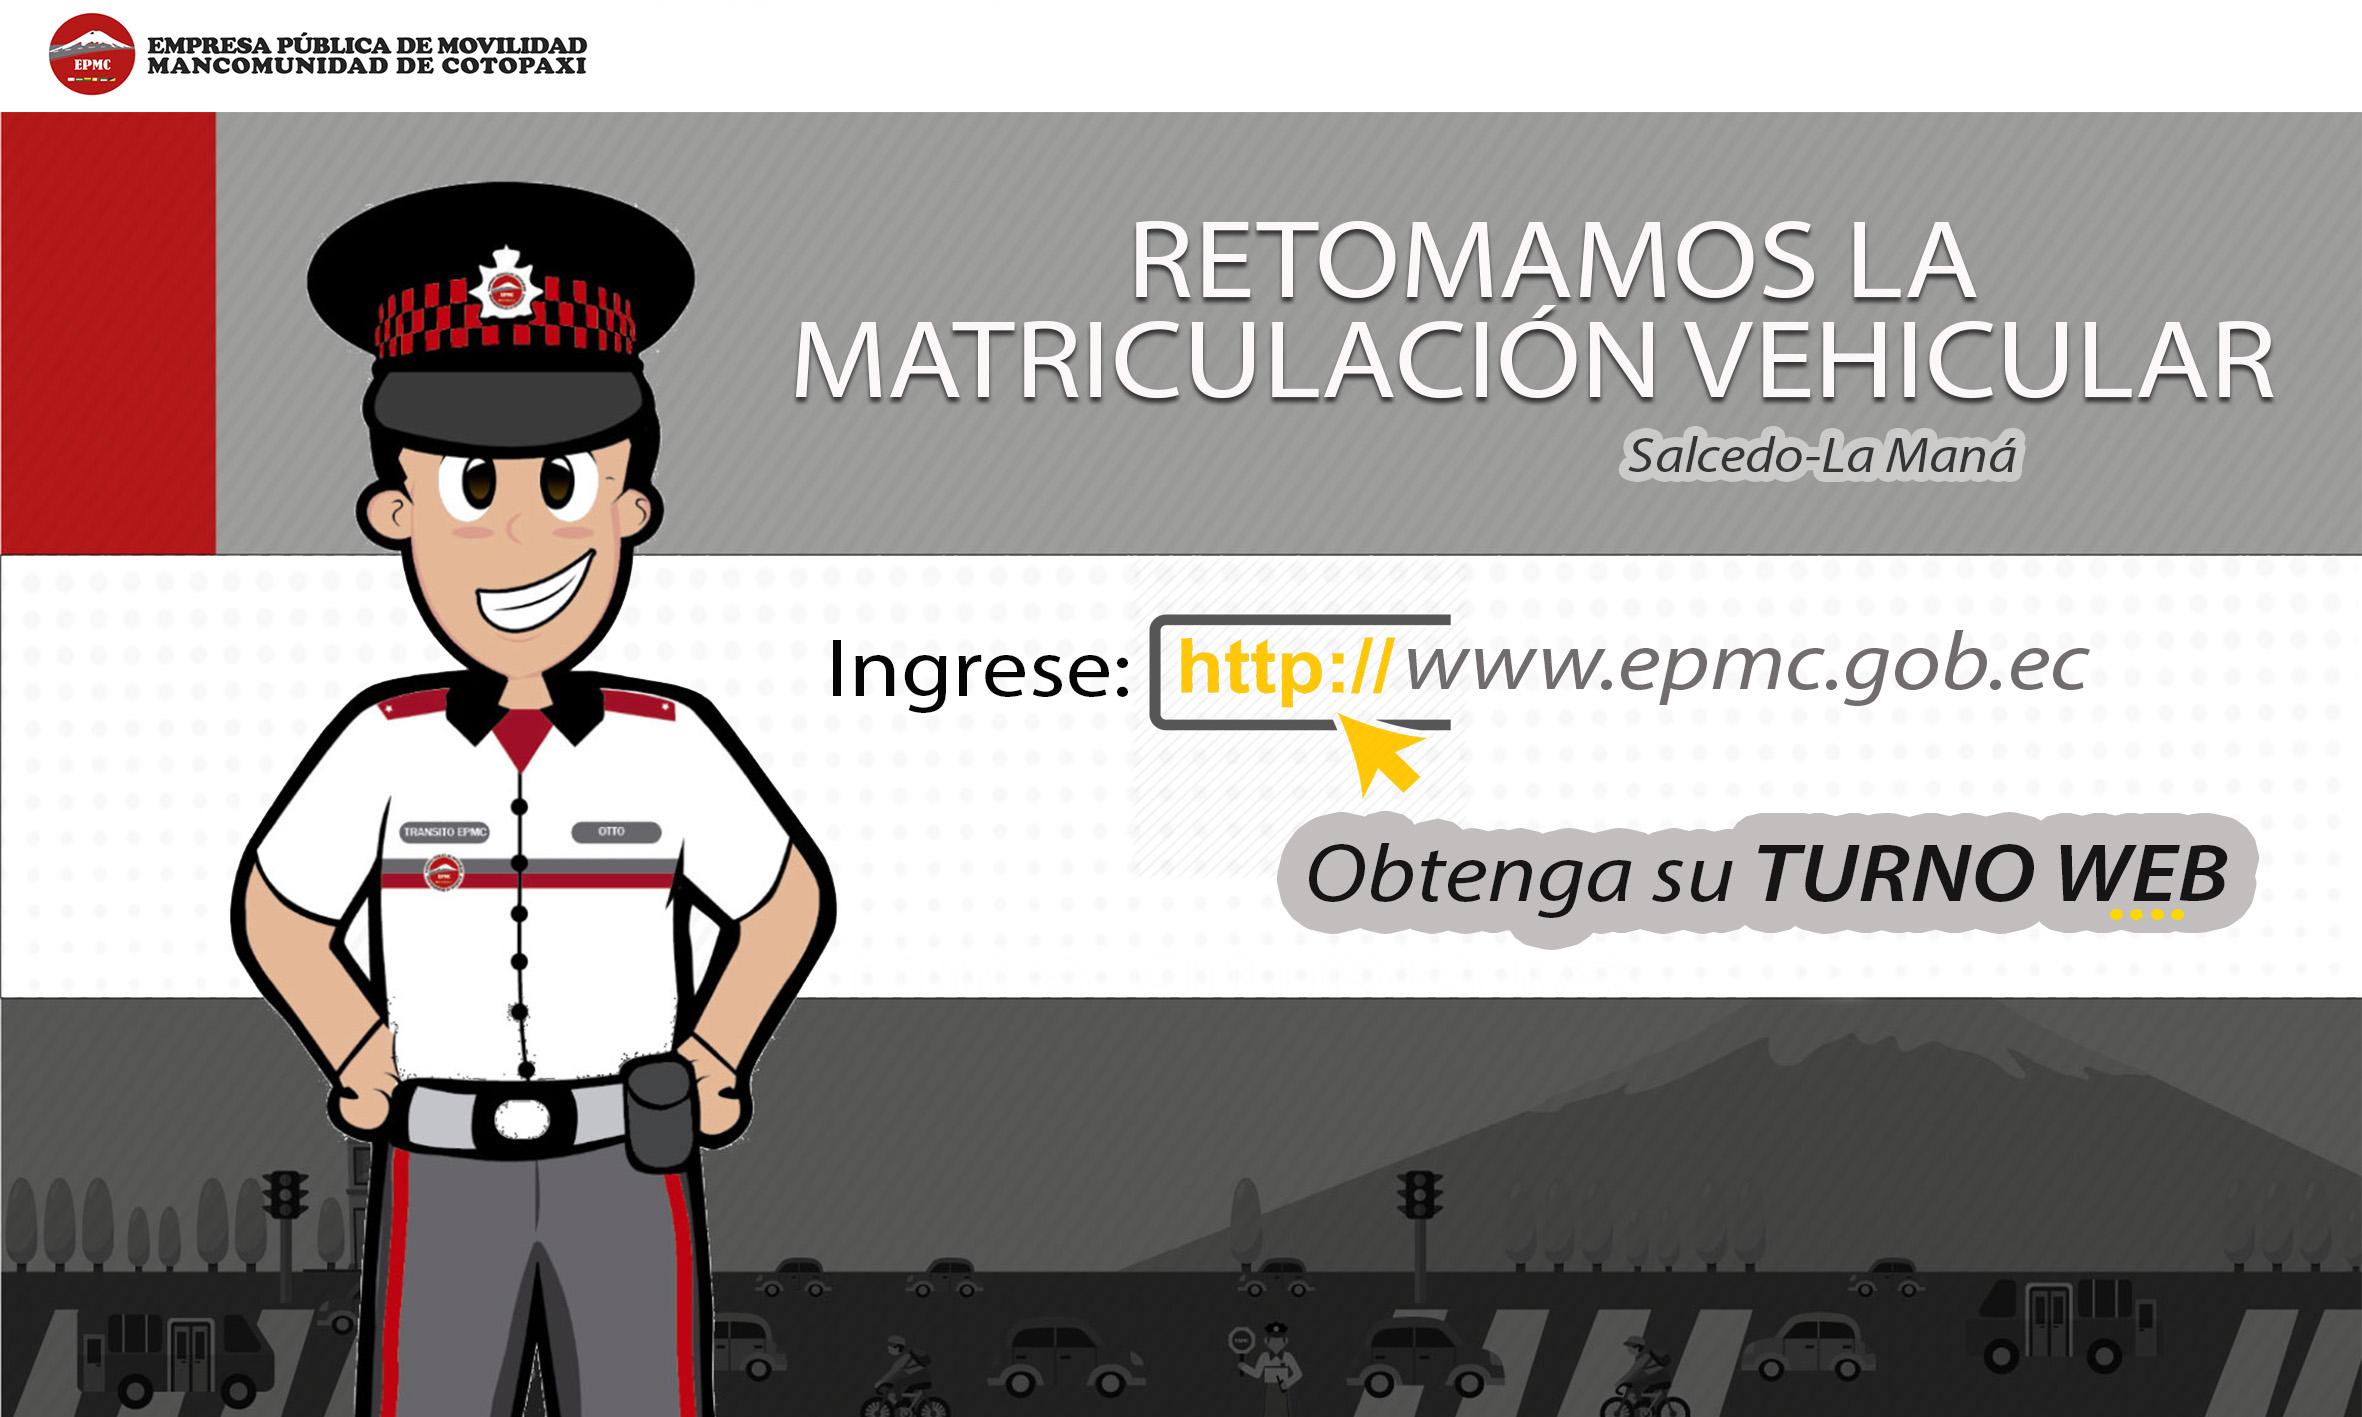 EPMC RETOMA EL SERVICIO DE MATRICULACIÓN VEHICULAR